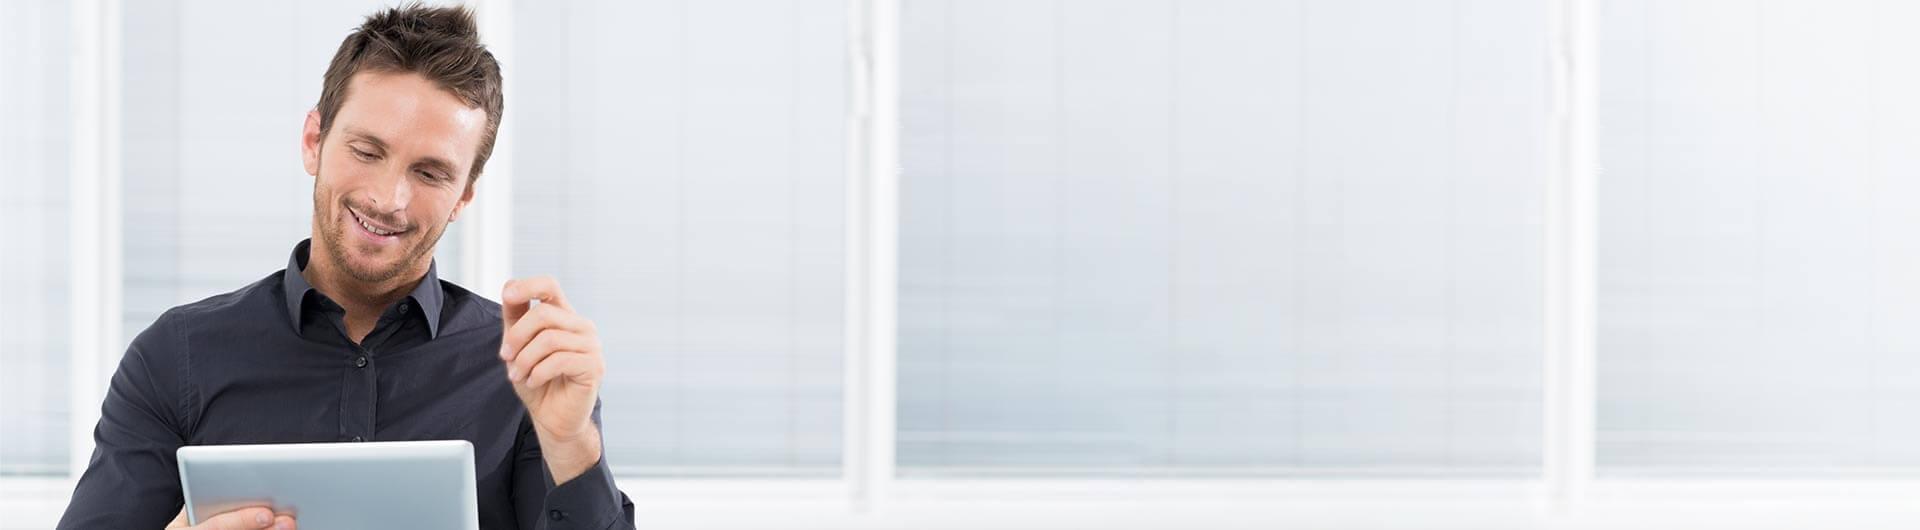 מה זה ניוזלטר ומדוע חשוב להחזיקו באתר המכירתי לטובת שיווק ופרסום?